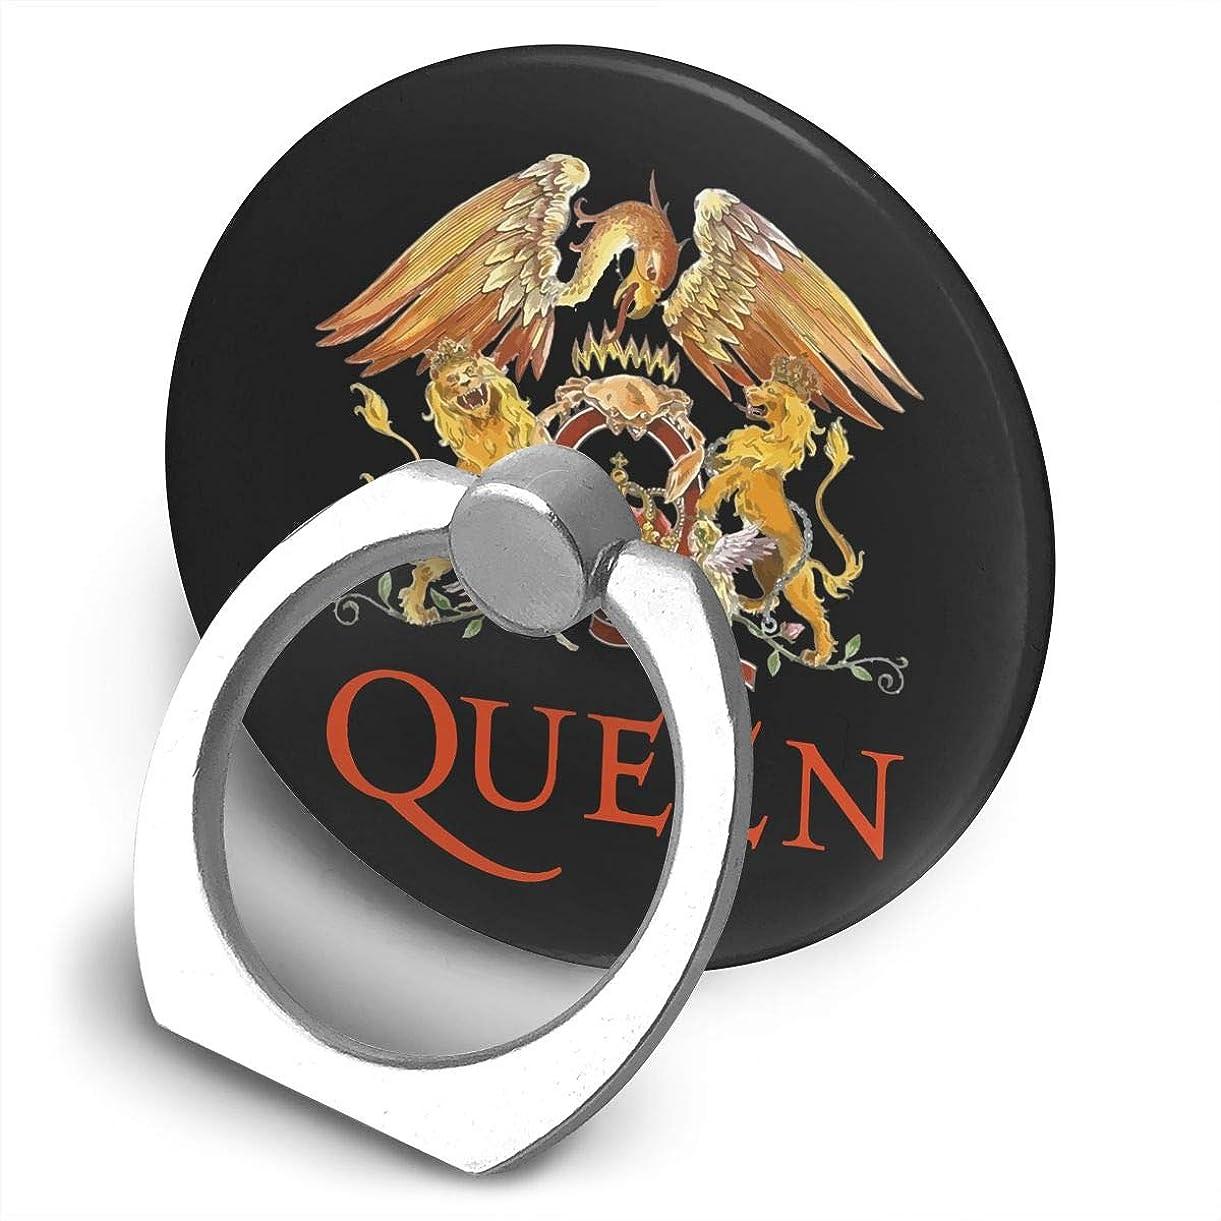 またはどちらか呪われた体現するクイーン Queen Band ロゴ スマホ リング ホールドリング 指輪リング 薄型 おしゃれ スタンド機能 落下防止 360度回転 タブレット/スマホ IPhone/Android各種他対応